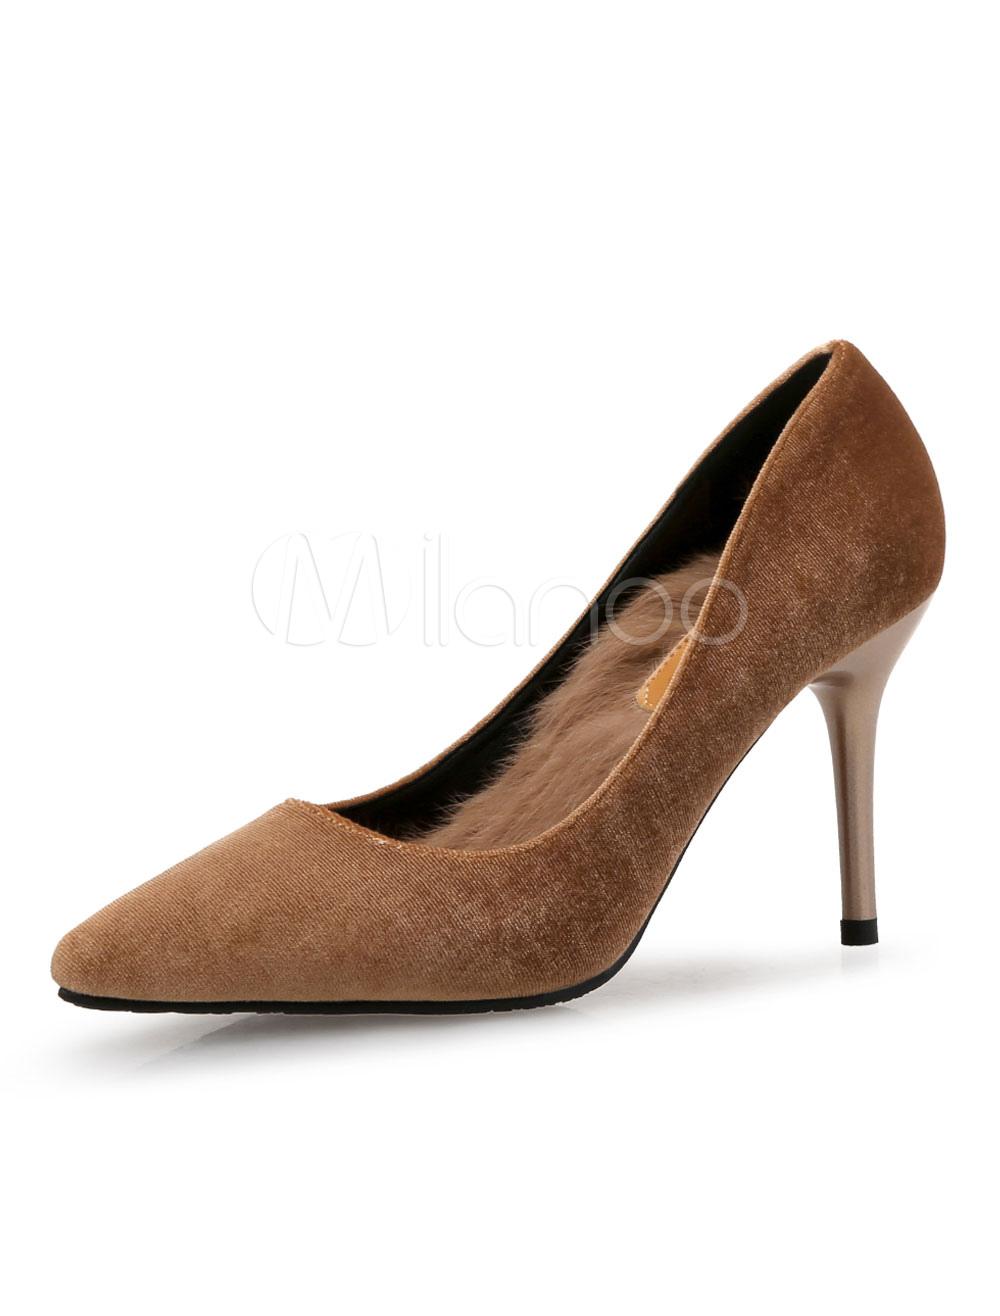 Zapatos de tacón de puntera puntiaguada de franela Color liso de tacón de stiletto ziX6j3